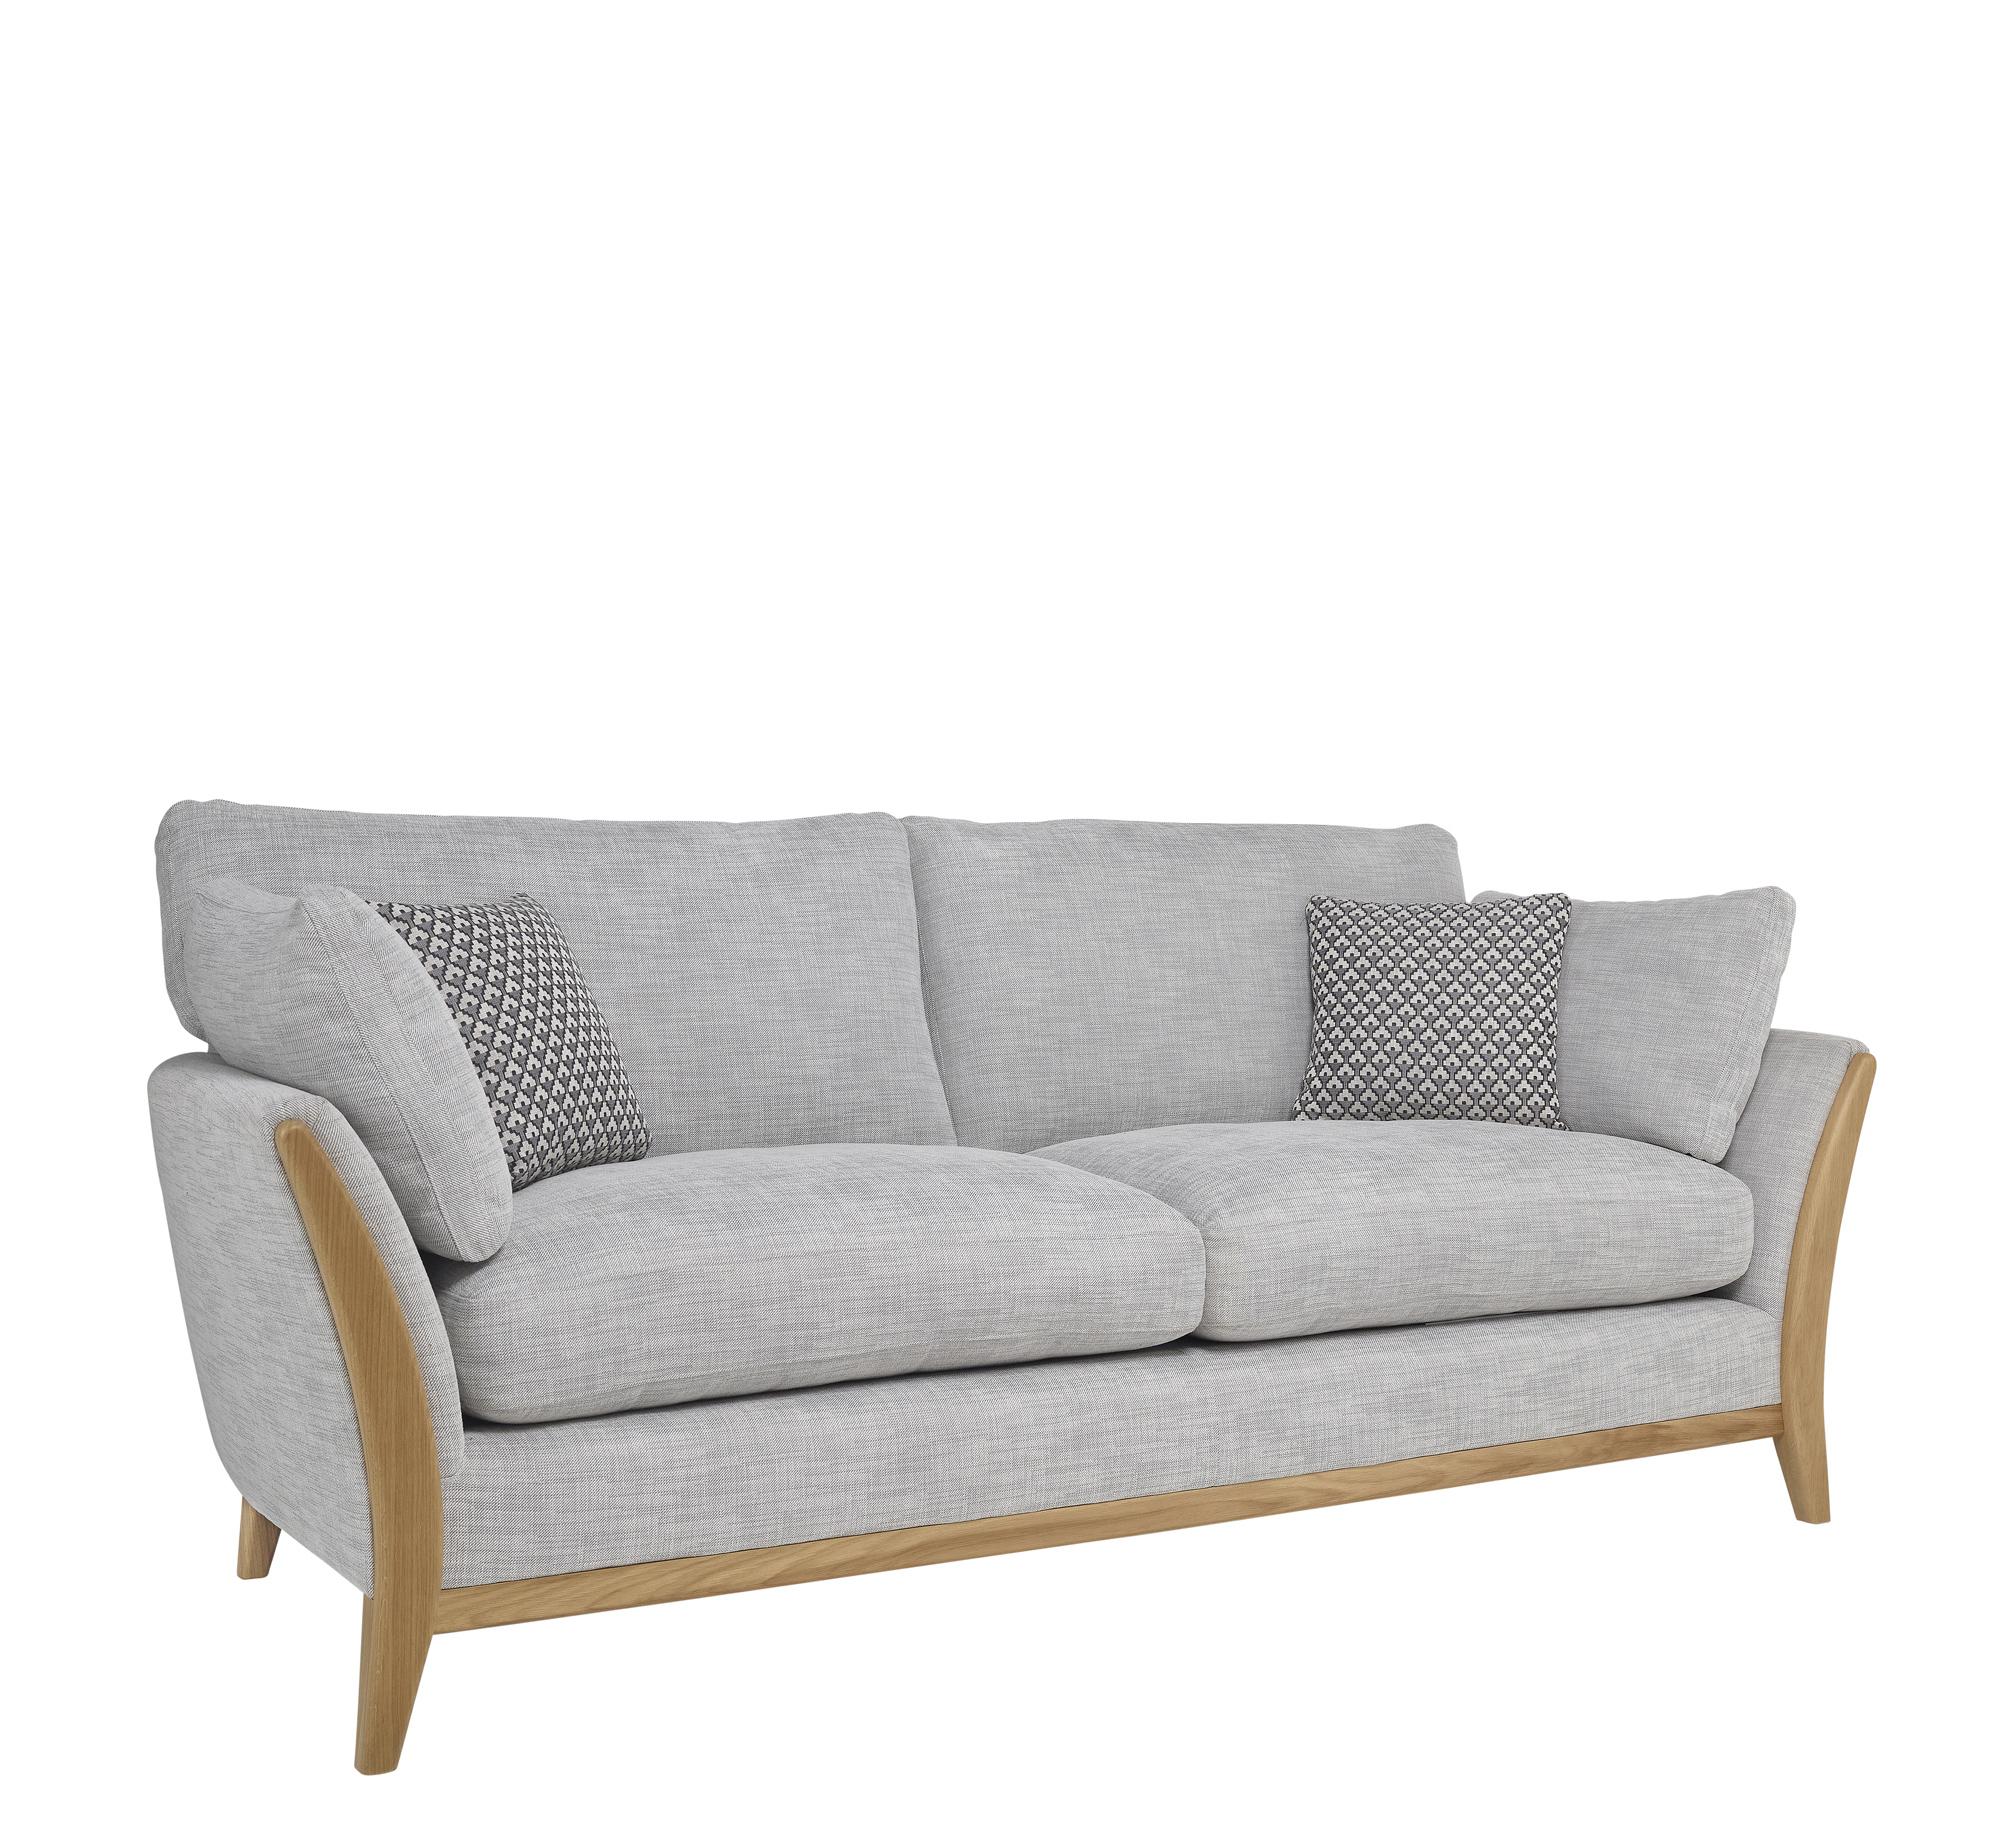 grand sofa room and board orson reviews serroni sofas ercol furniture